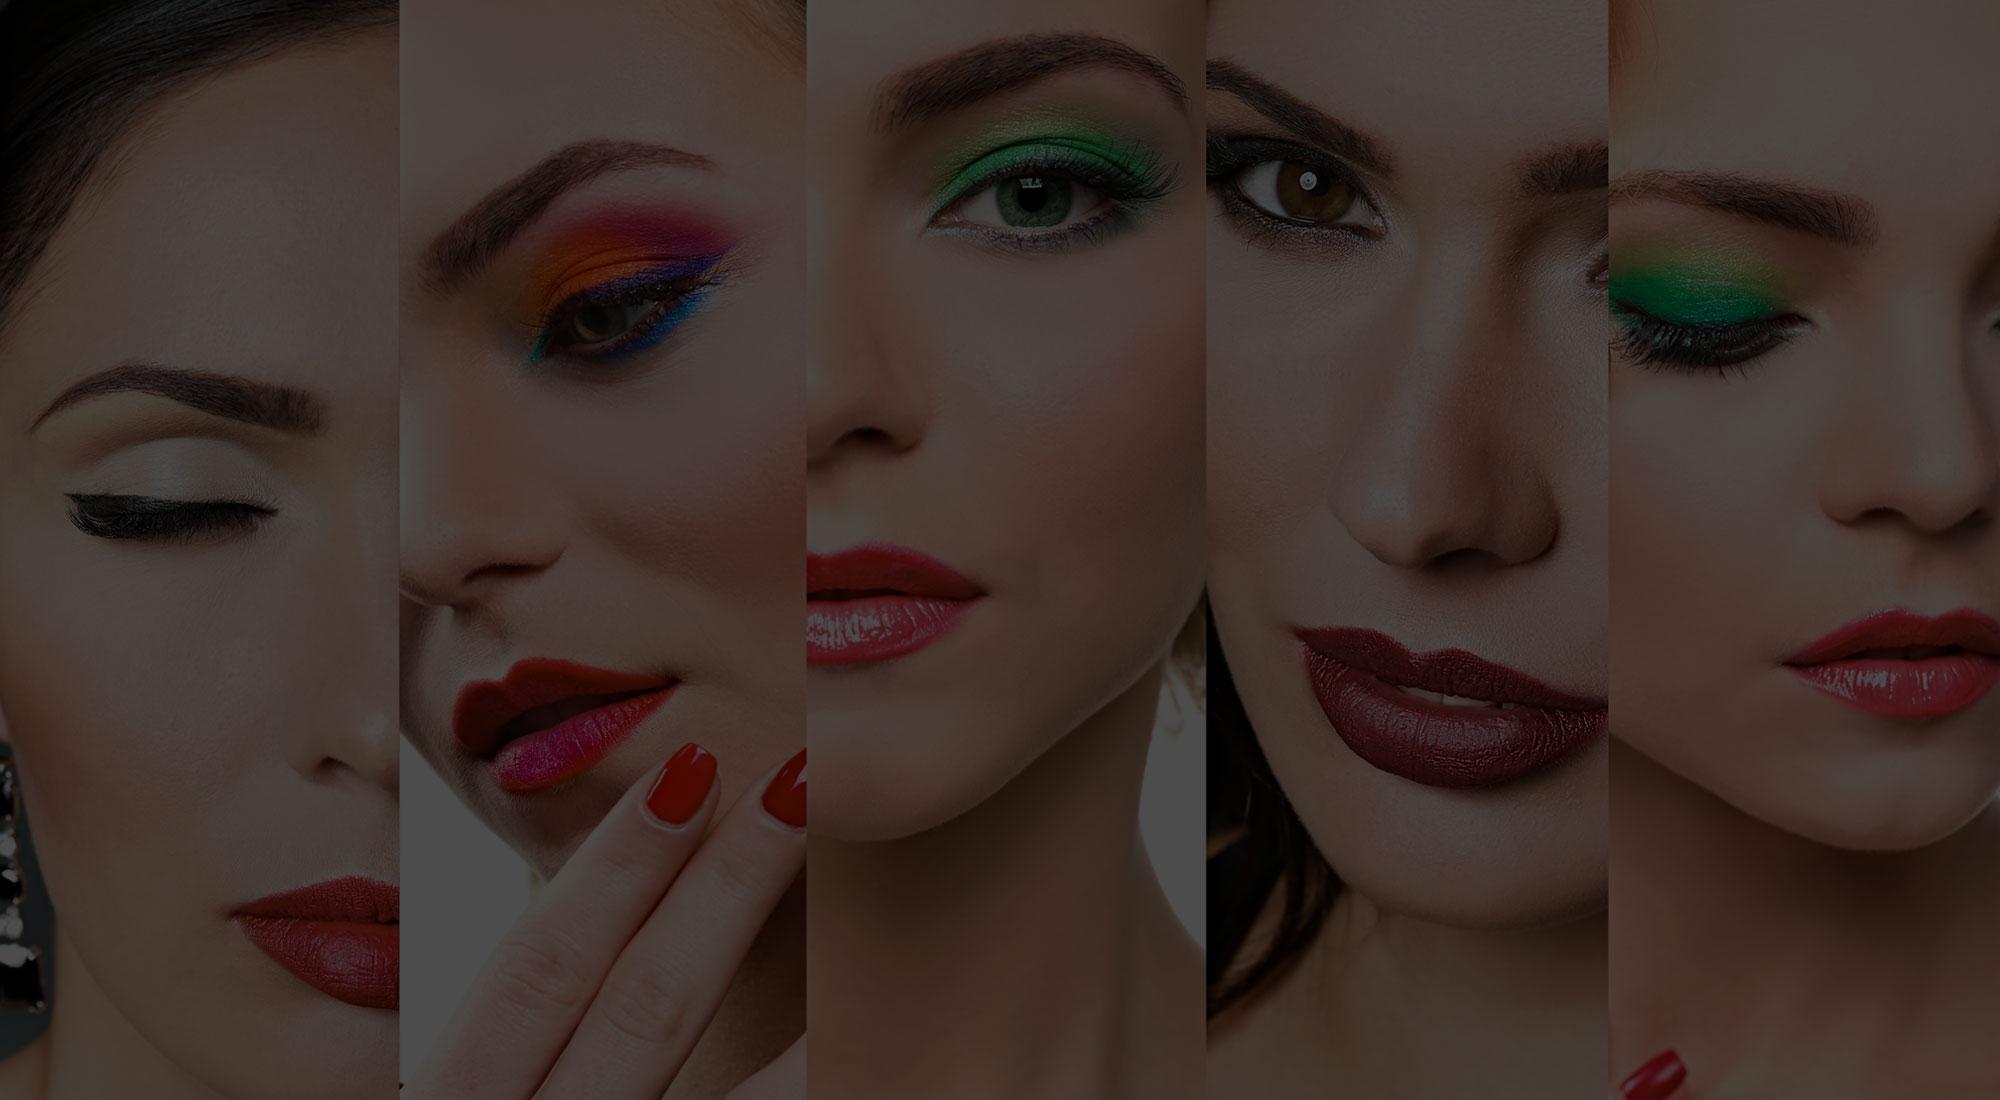 Paddy McGurgan Makeup Masterclass